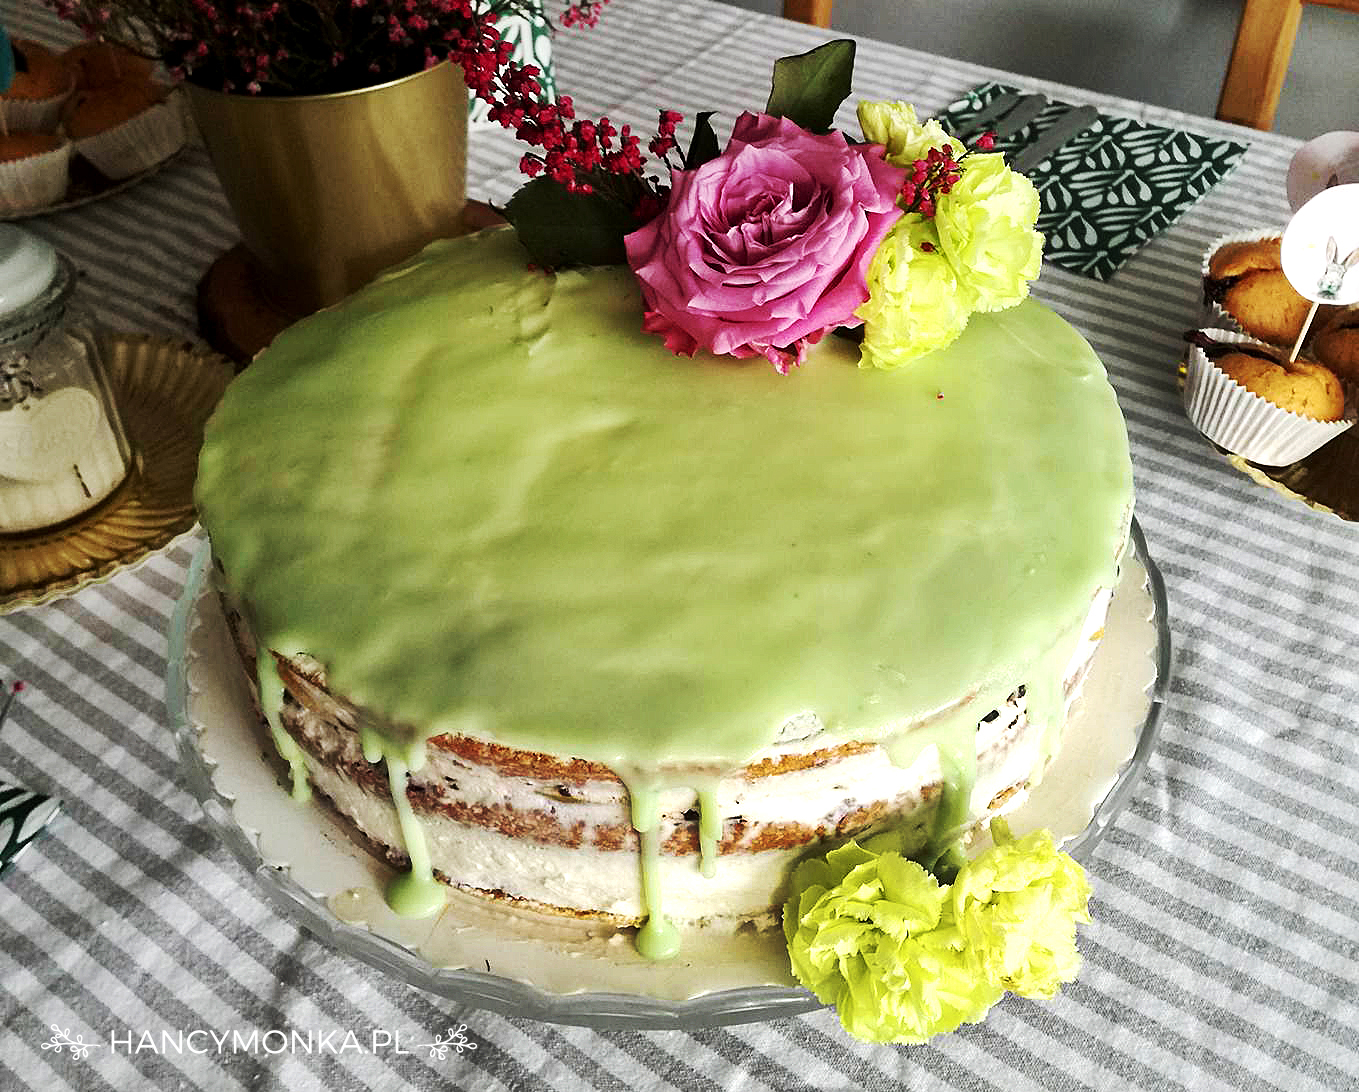 urodziny, 3 latka, birthday, birthday party, tort, birthday cake, naked cake, ciasto, hancymonka, party decor, decoration, party, dekoracje urodzinowe, urodziny dziecka